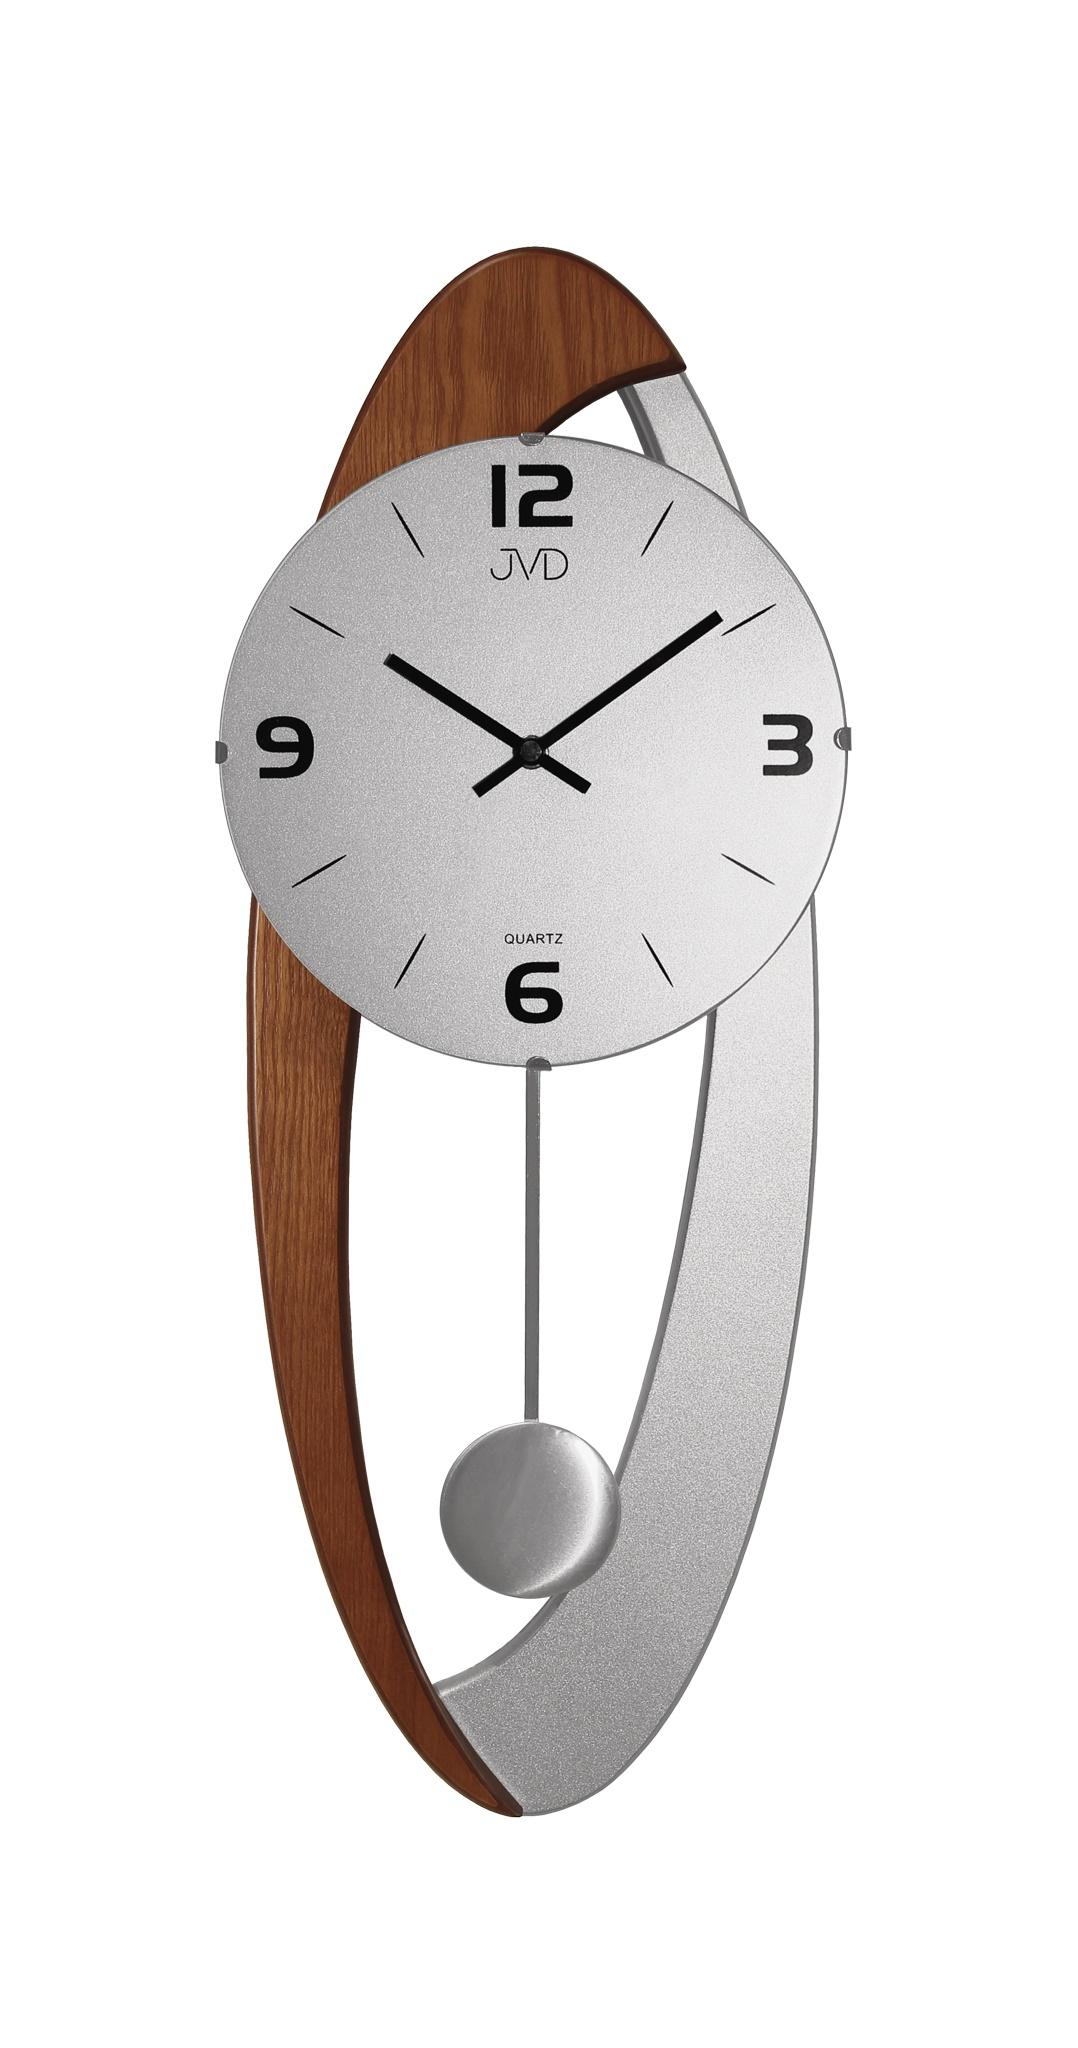 Dřevěné skleněné designové kyvadlové nástěnné hodiny JVD N15021/11 (POŠTOVNÉ ZDARMA!!)